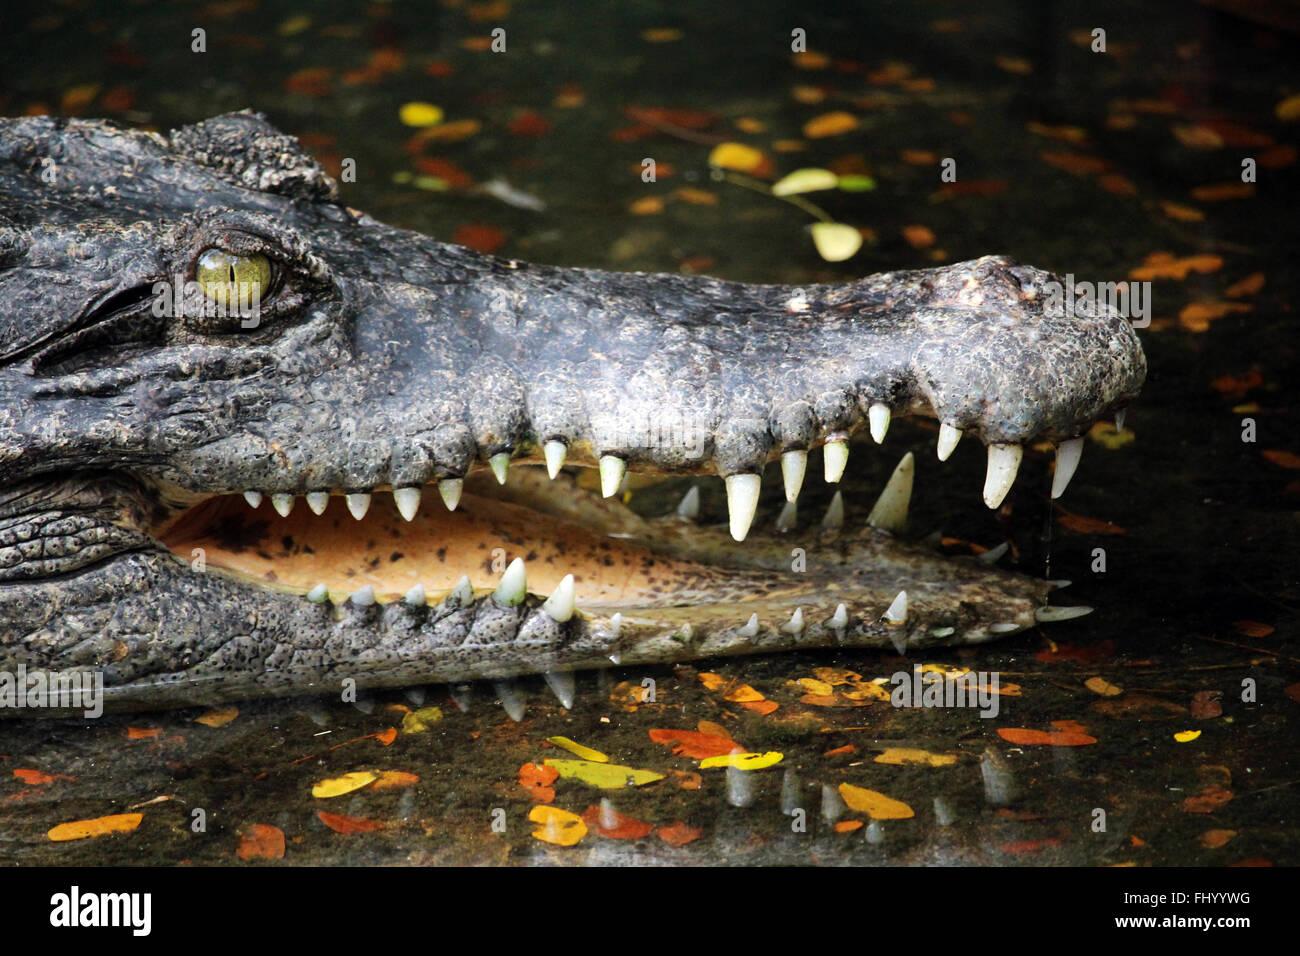 MIRI/MALASIA - 24 de noviembre de 2015: un cocodrilo con grandes dientes en Borneo Imagen De Stock